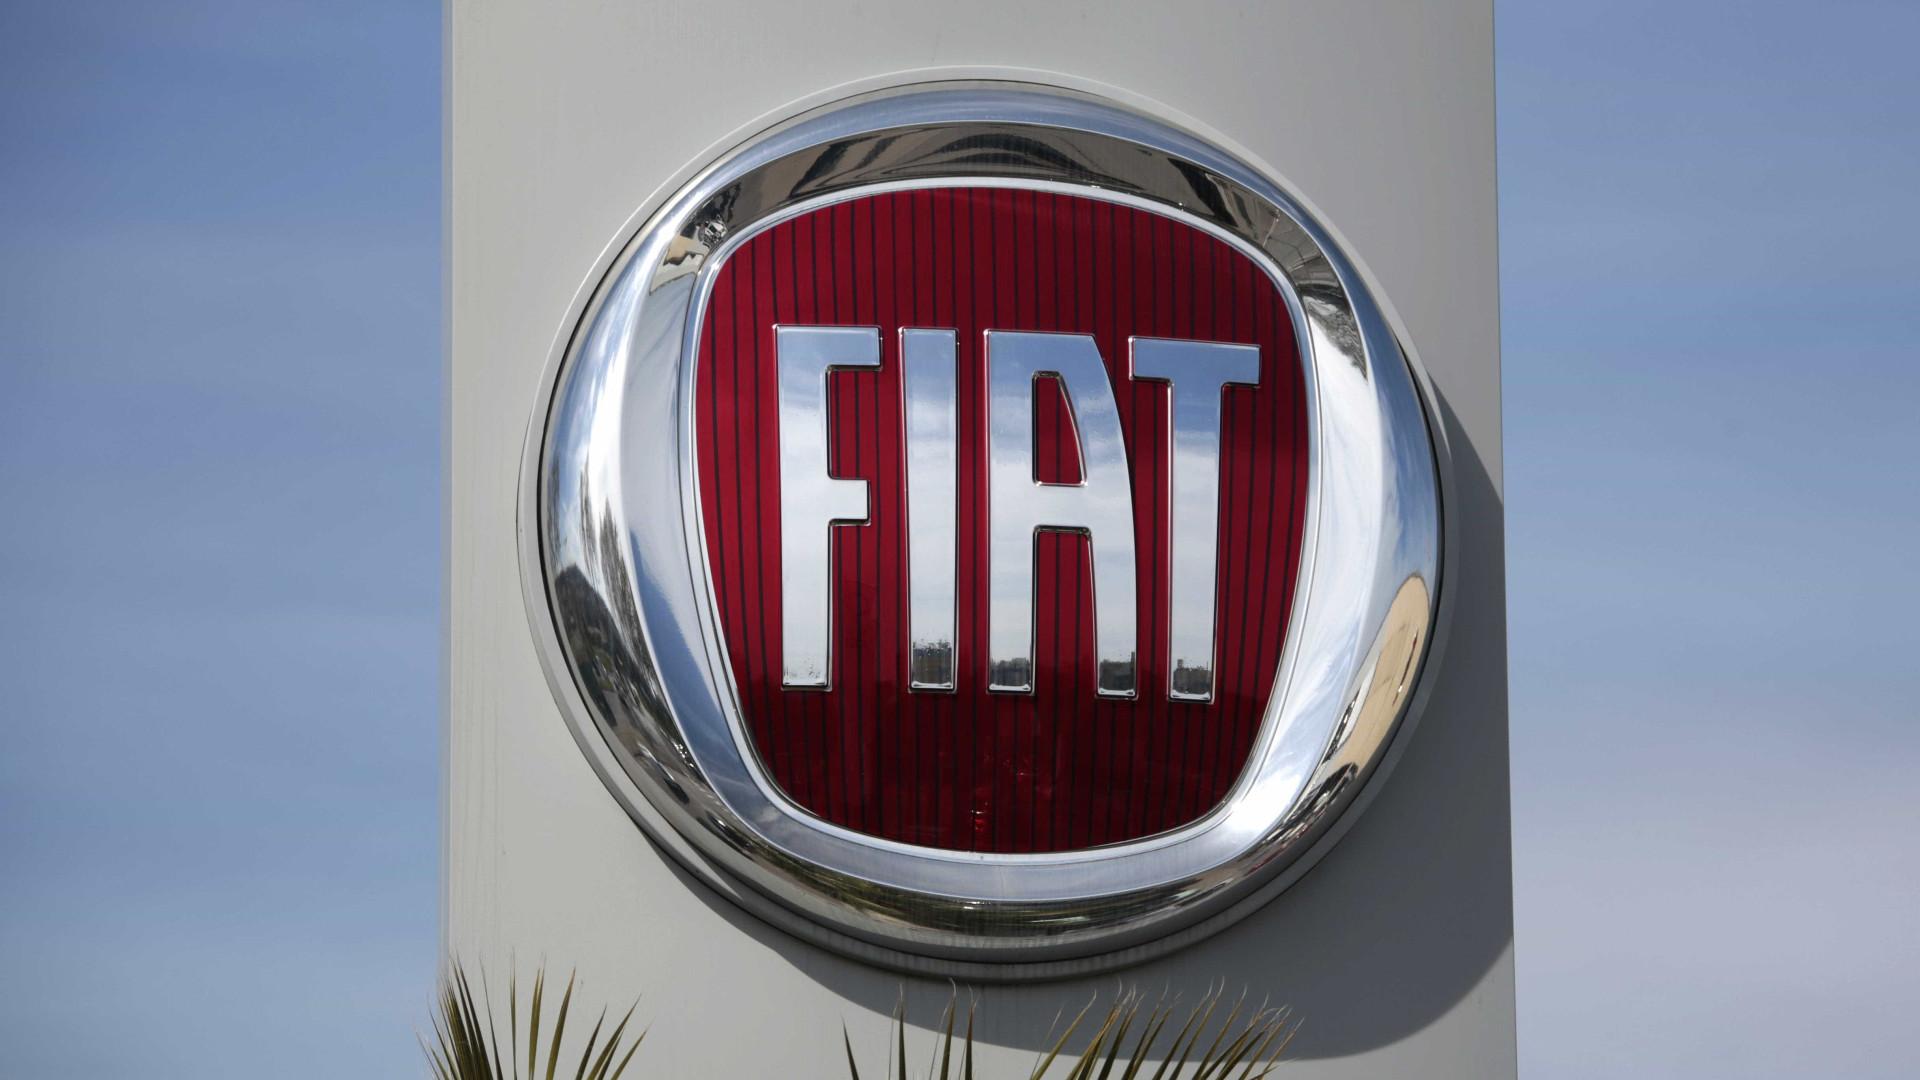 Fiat anuncia recall do Argo; veja chassis envolvido